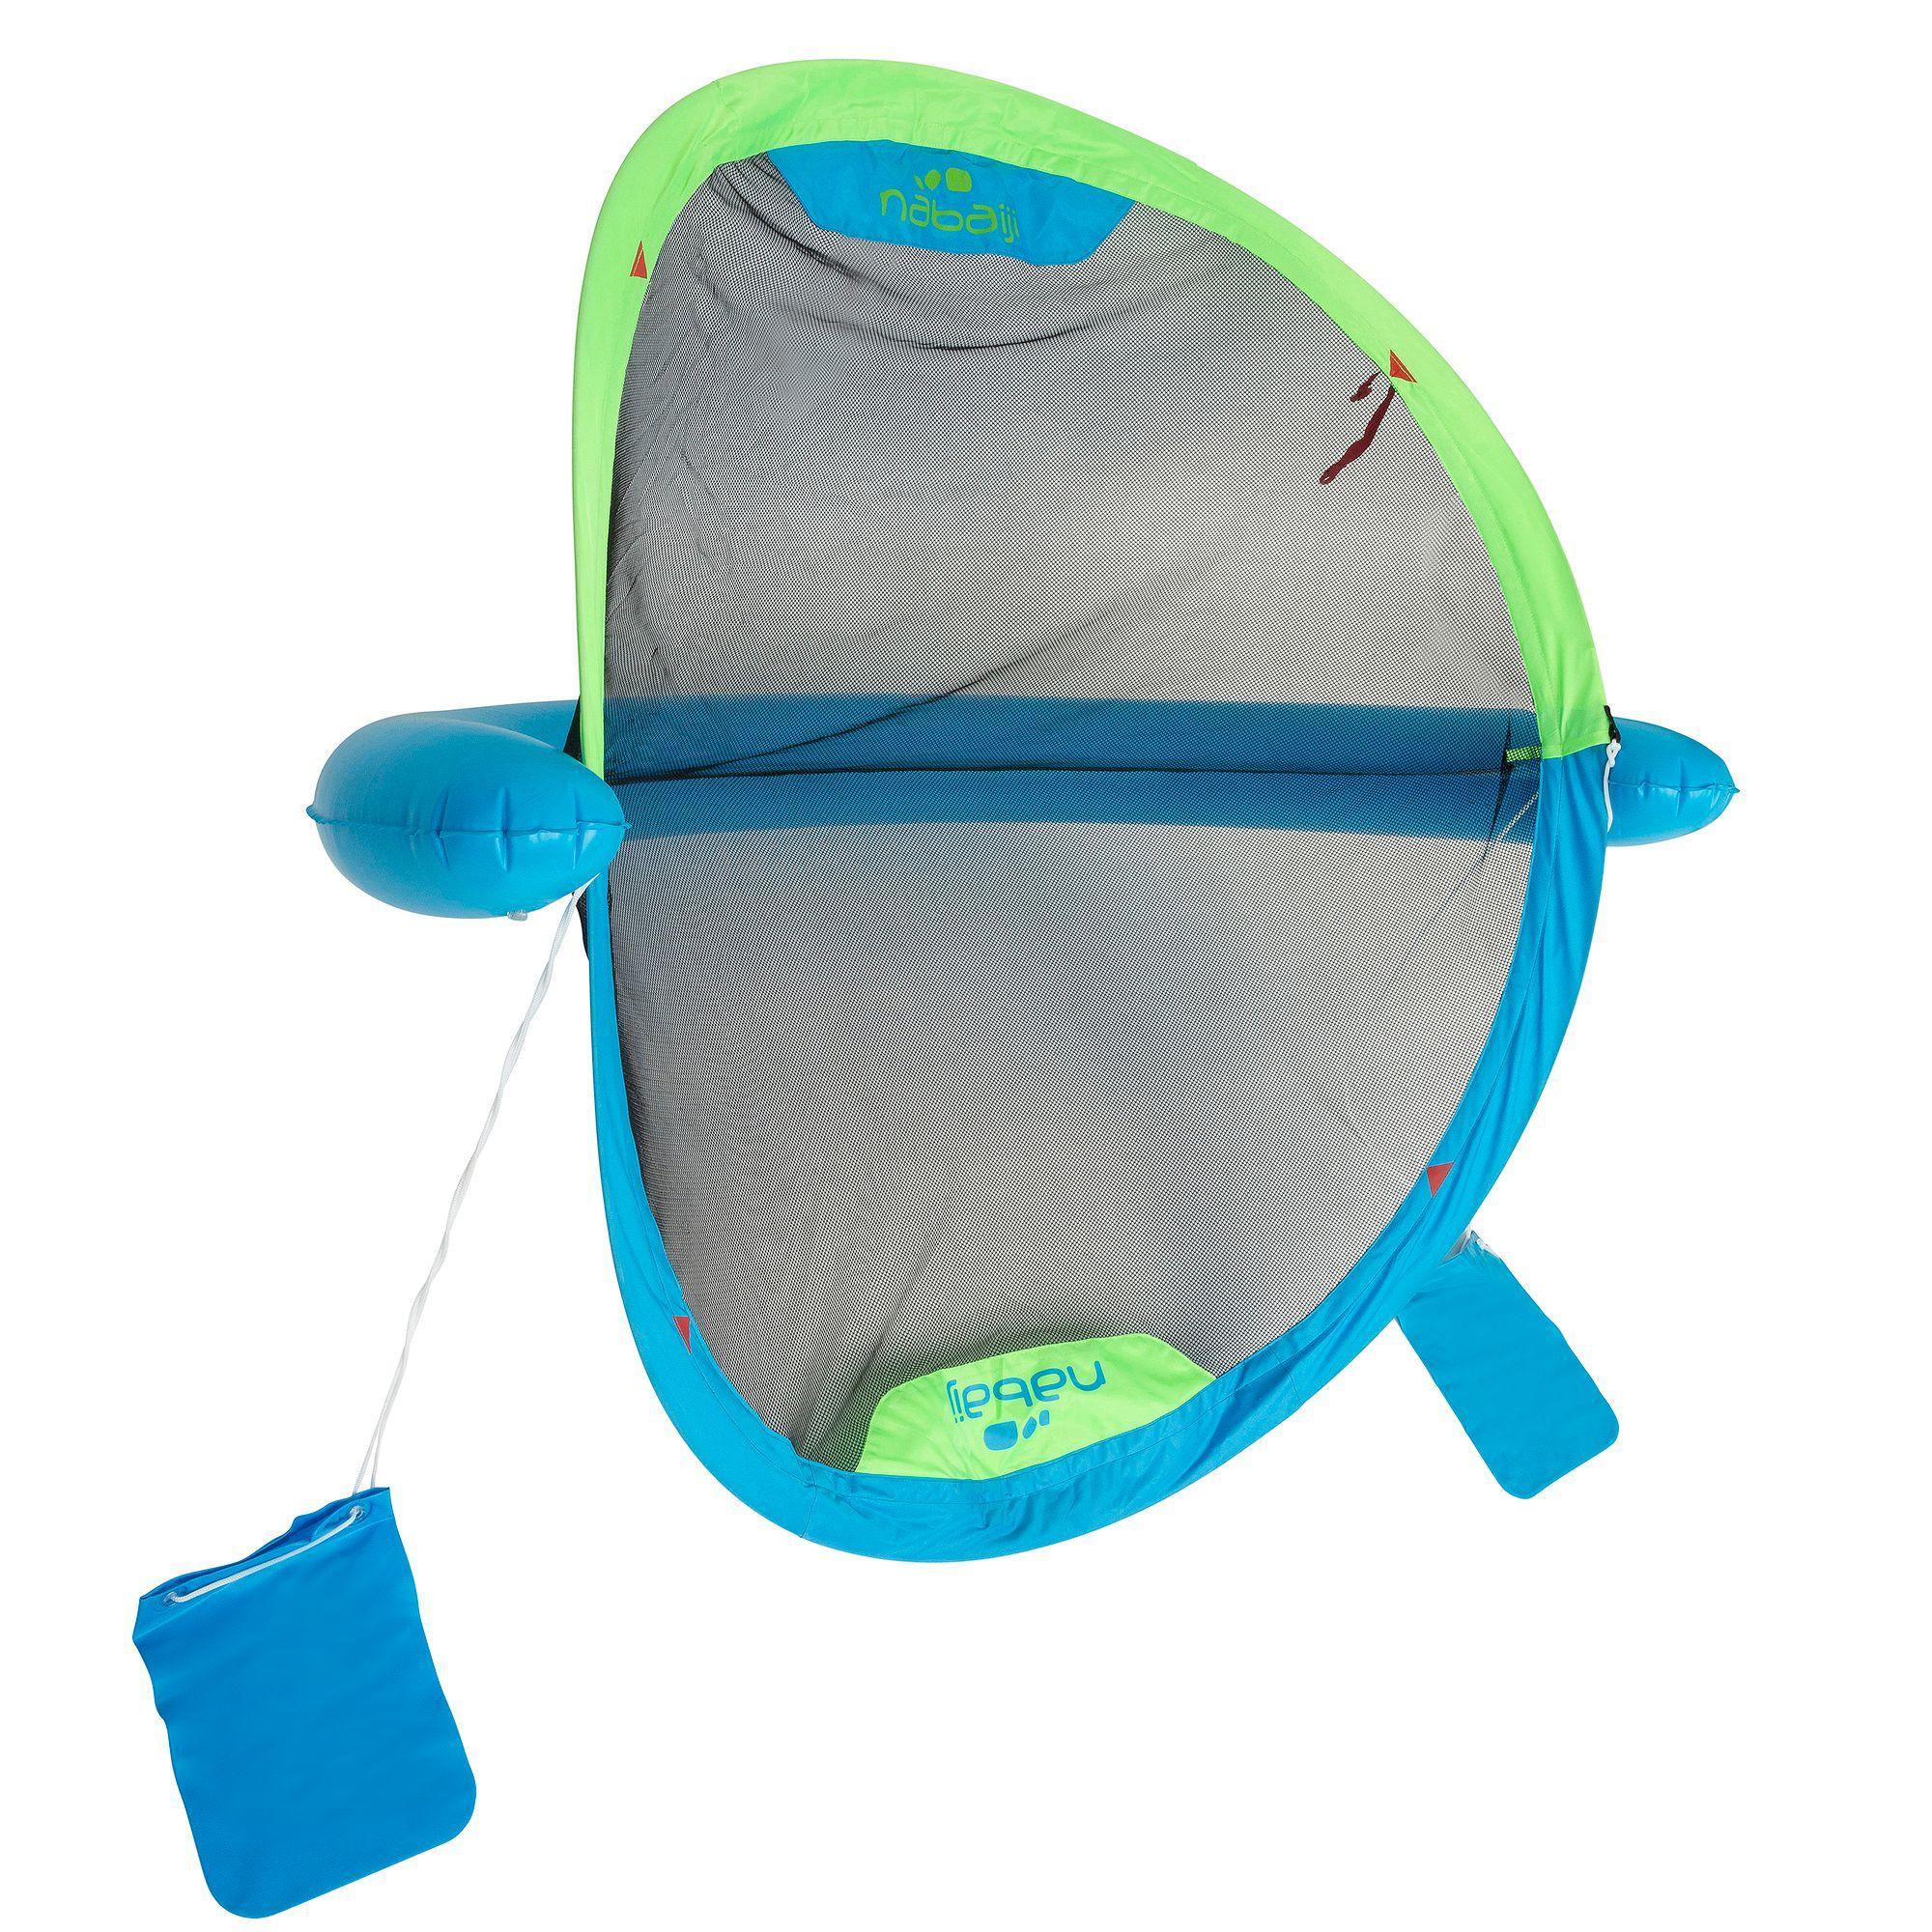 Wasserball-Tor Polo Up blau grün | 03583788391616